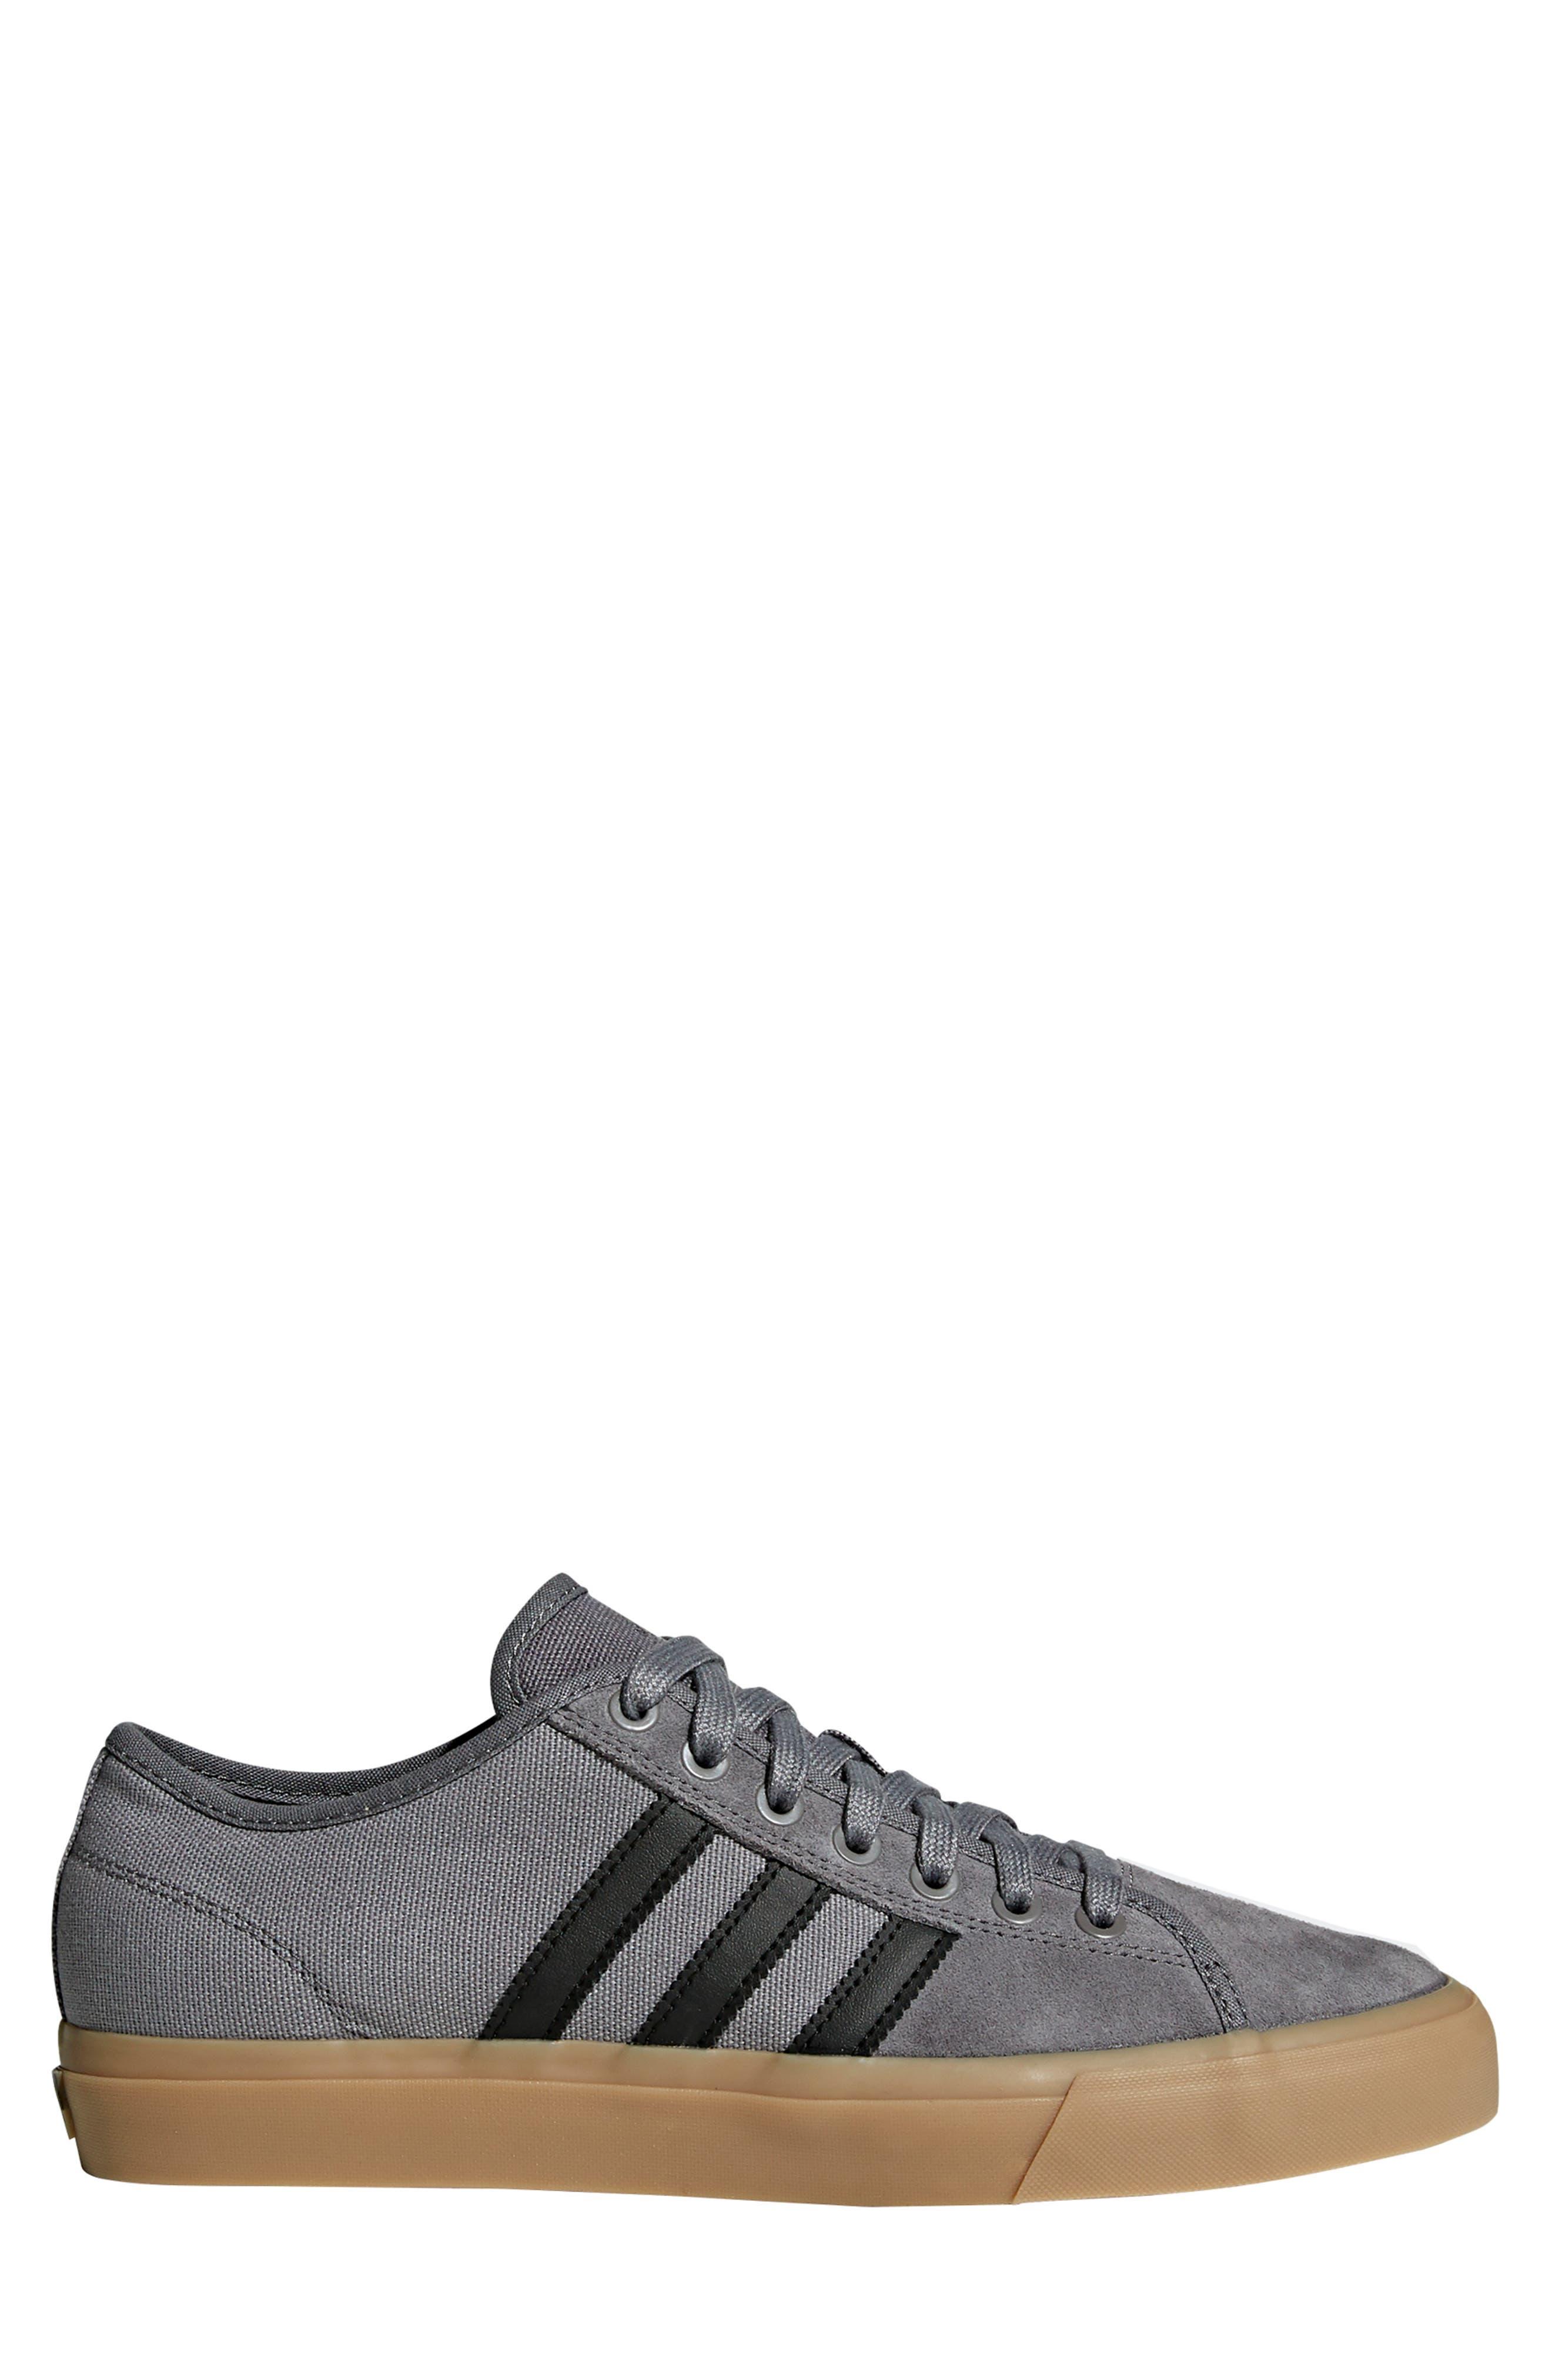 Matchcourt RX Sneaker,                         Main,                         color, 023